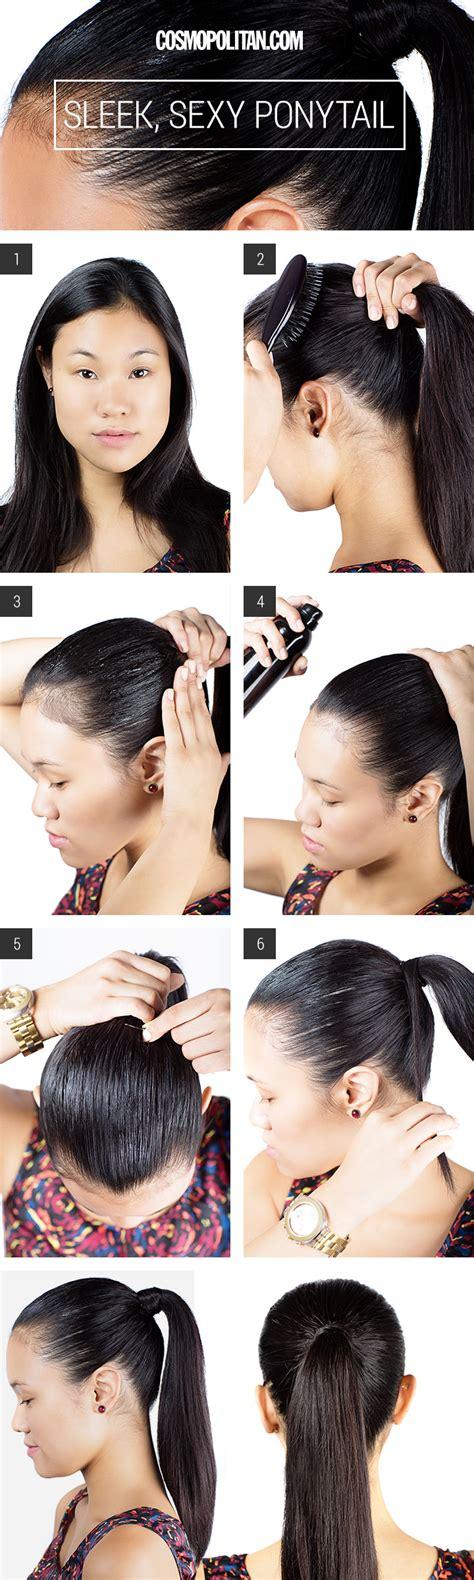 hair tutorials  simple easy hairstyles